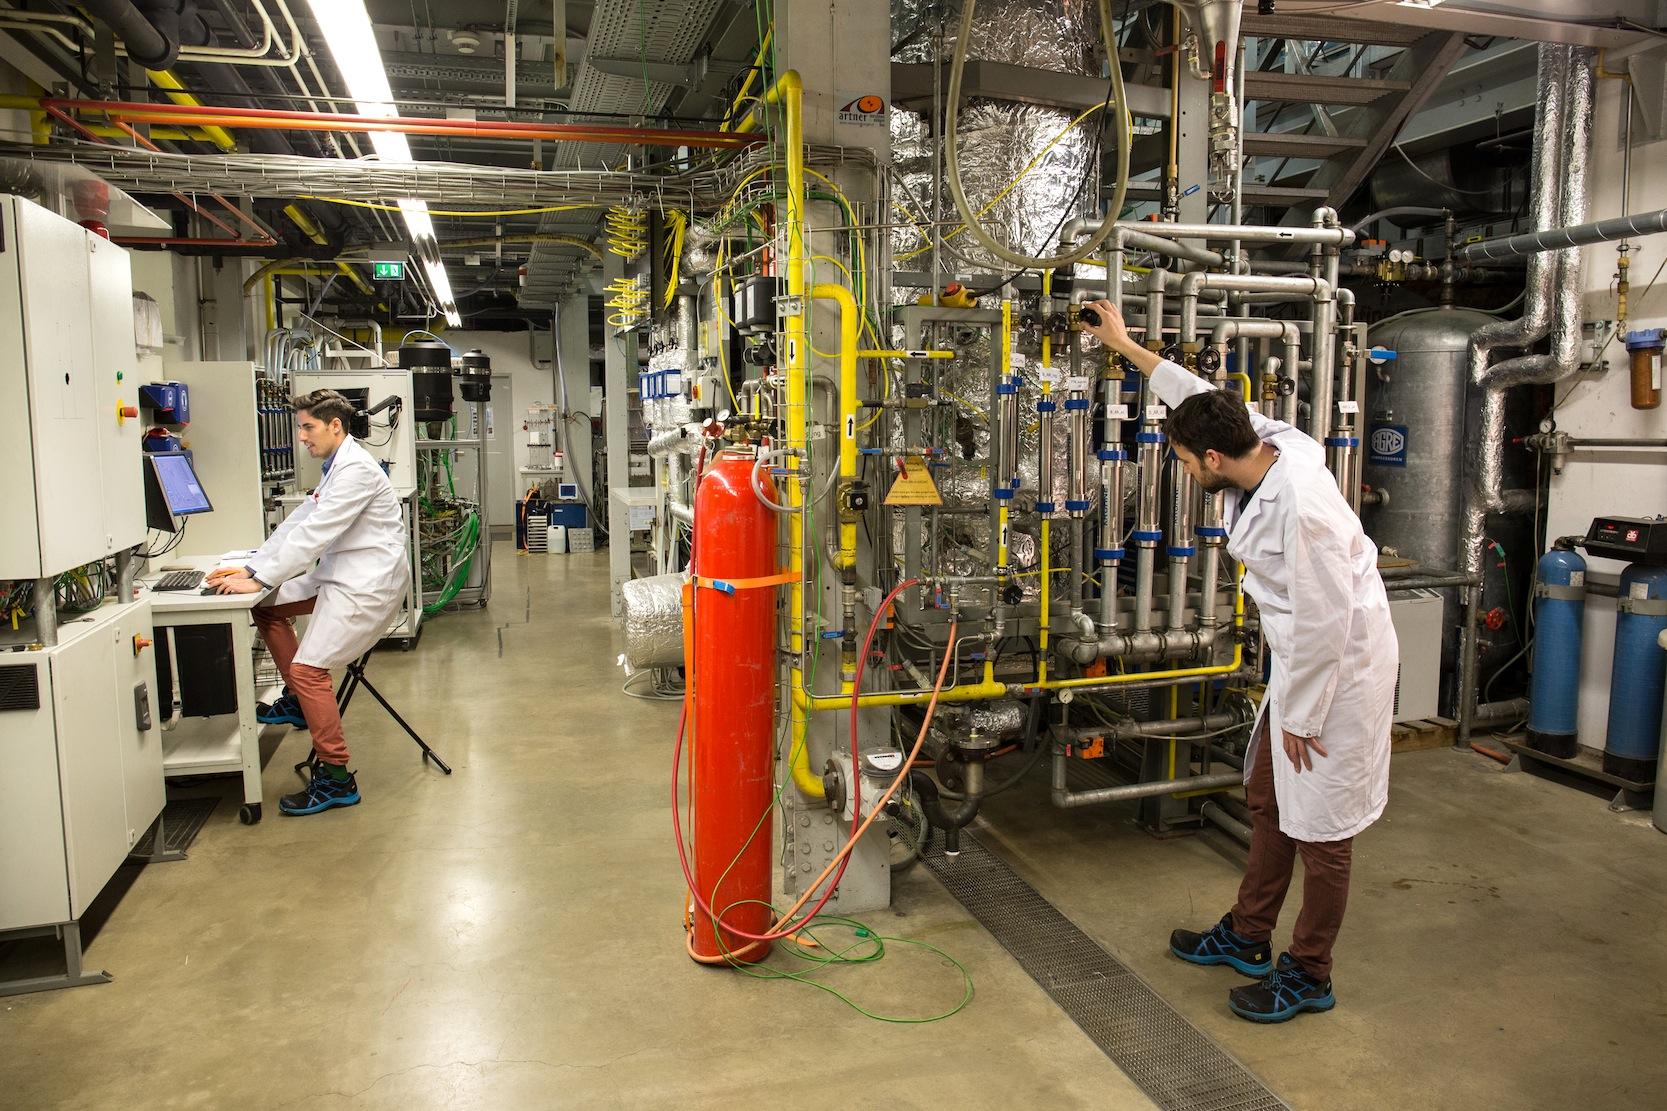 Jetzt sind die Ingenieure dabei, das Verbrennungsverfahren auch im industriellen Maßstab zu erproben.